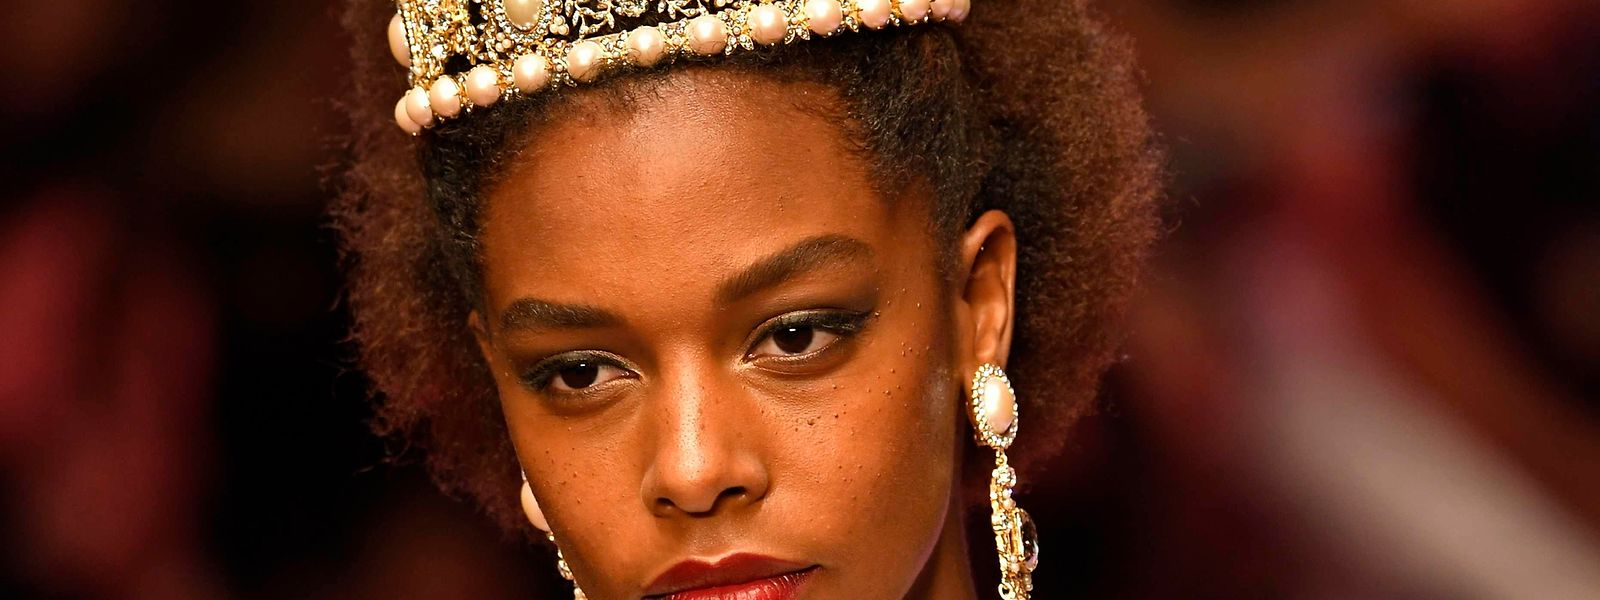 Auch Dolce & Gabbana setzte bei der Frühling/Sommer-Kollektion 2018 am vergangenen Sonntag deutliche Zeichen bei der Modelauswahl.